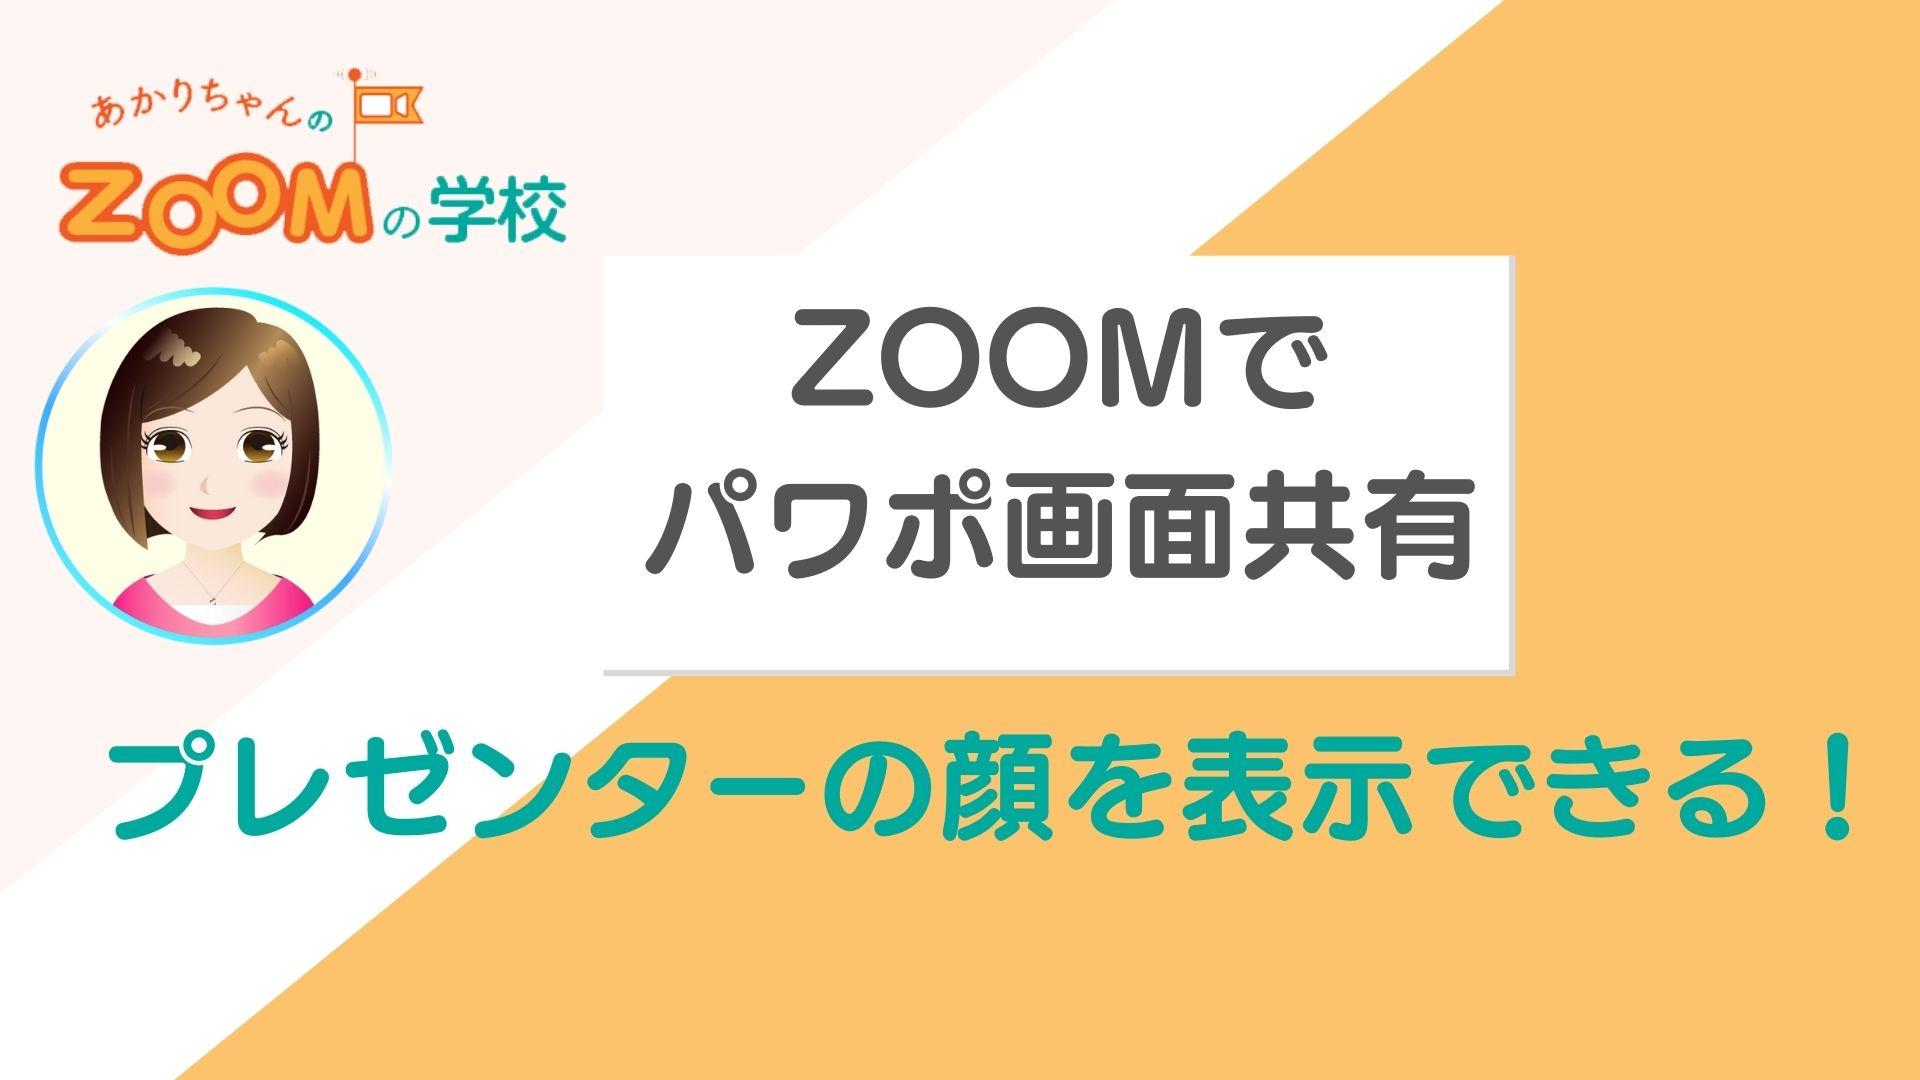 ZOOMでパワポを画面共有でプレゼンターのお顔を表示